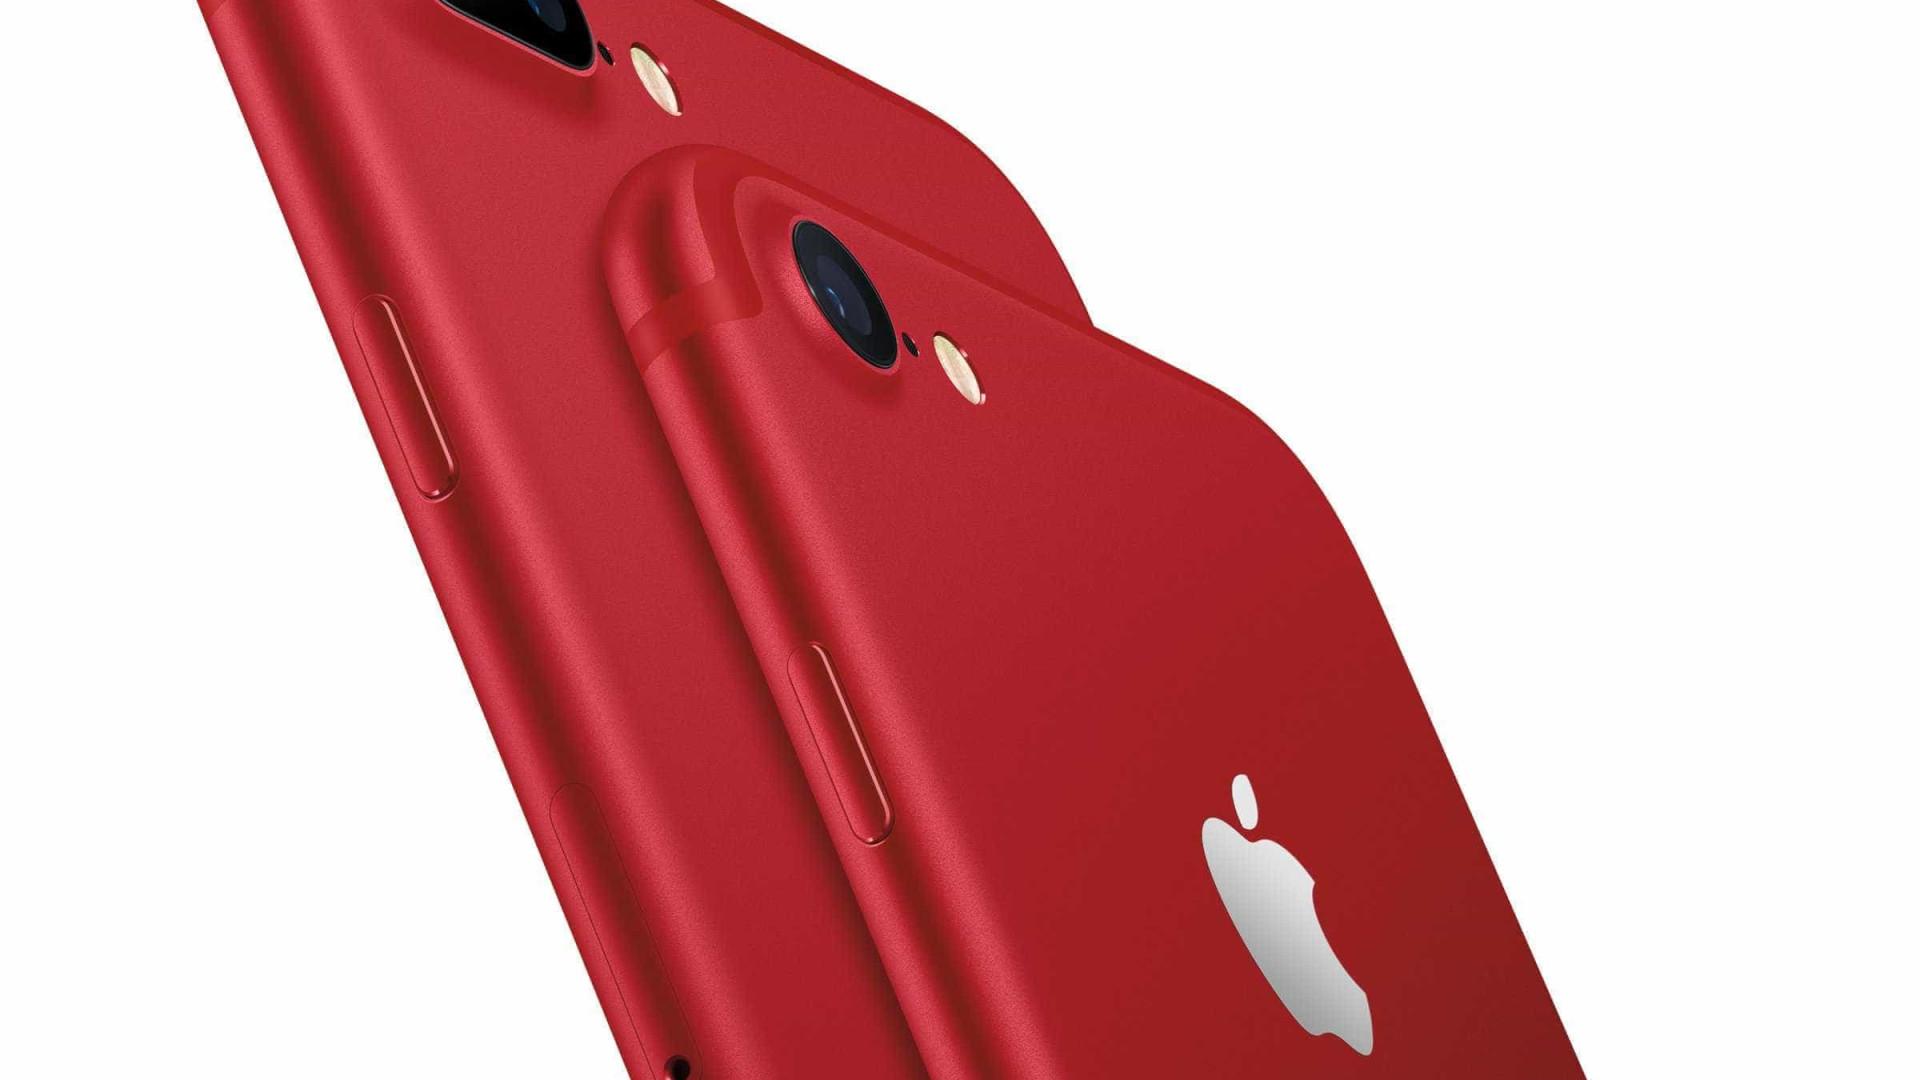 IPhone 8 vermelho é anunciado; ficha técnica permanece a mesma